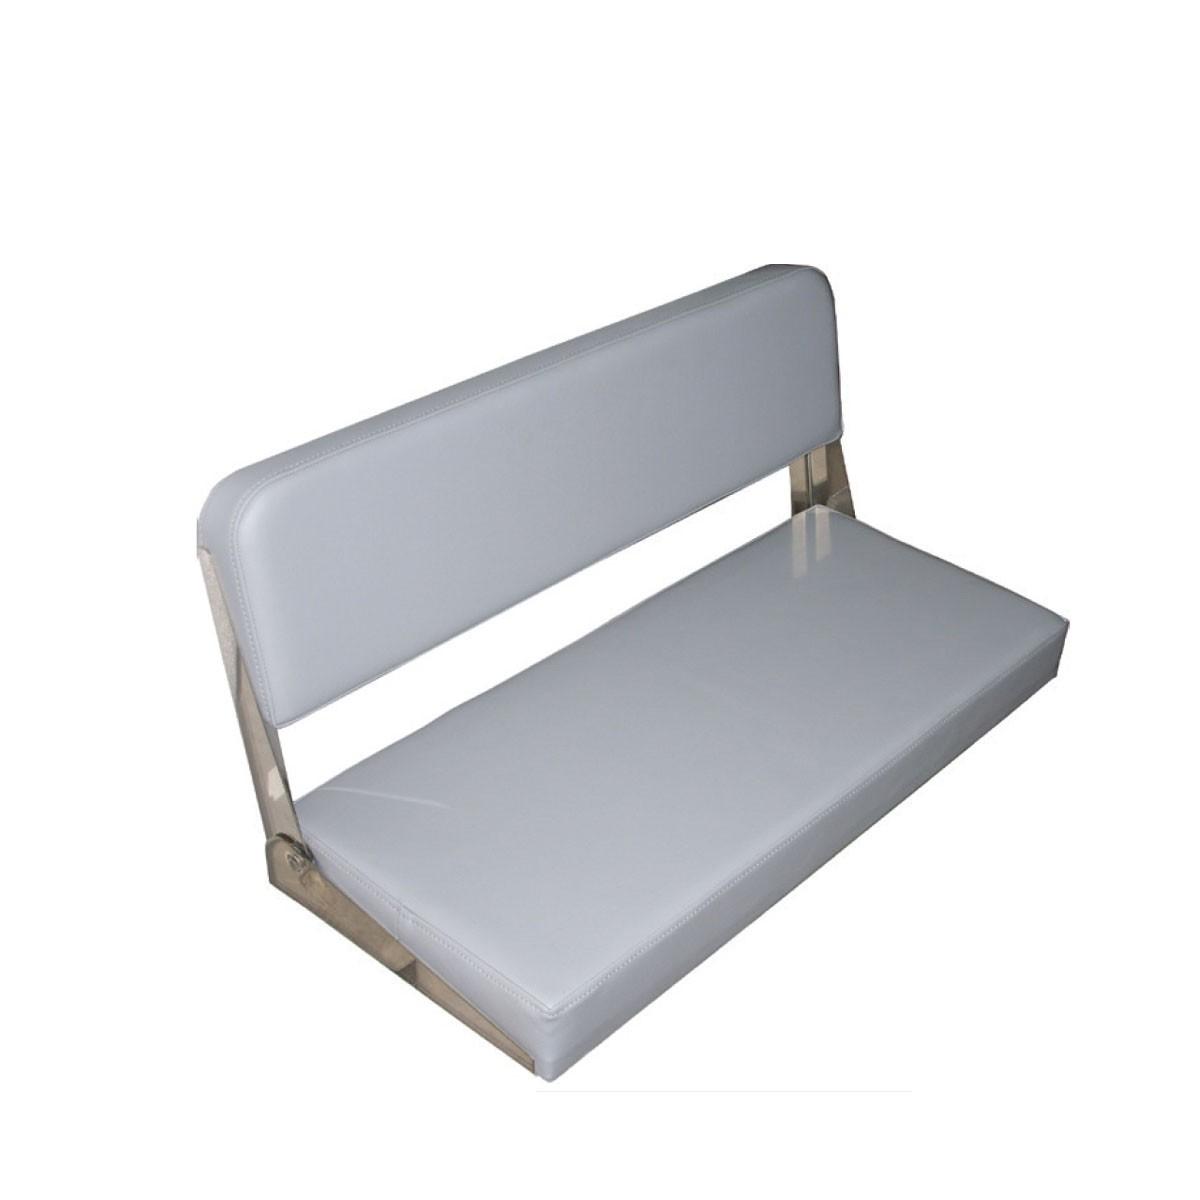 266.76 - Κάθισμα-Μαξιλάρι Αναδιπλούμενο Για Κάθισμα Σκάφους L102xW38,5xH35cm Χρώματος Γκρι